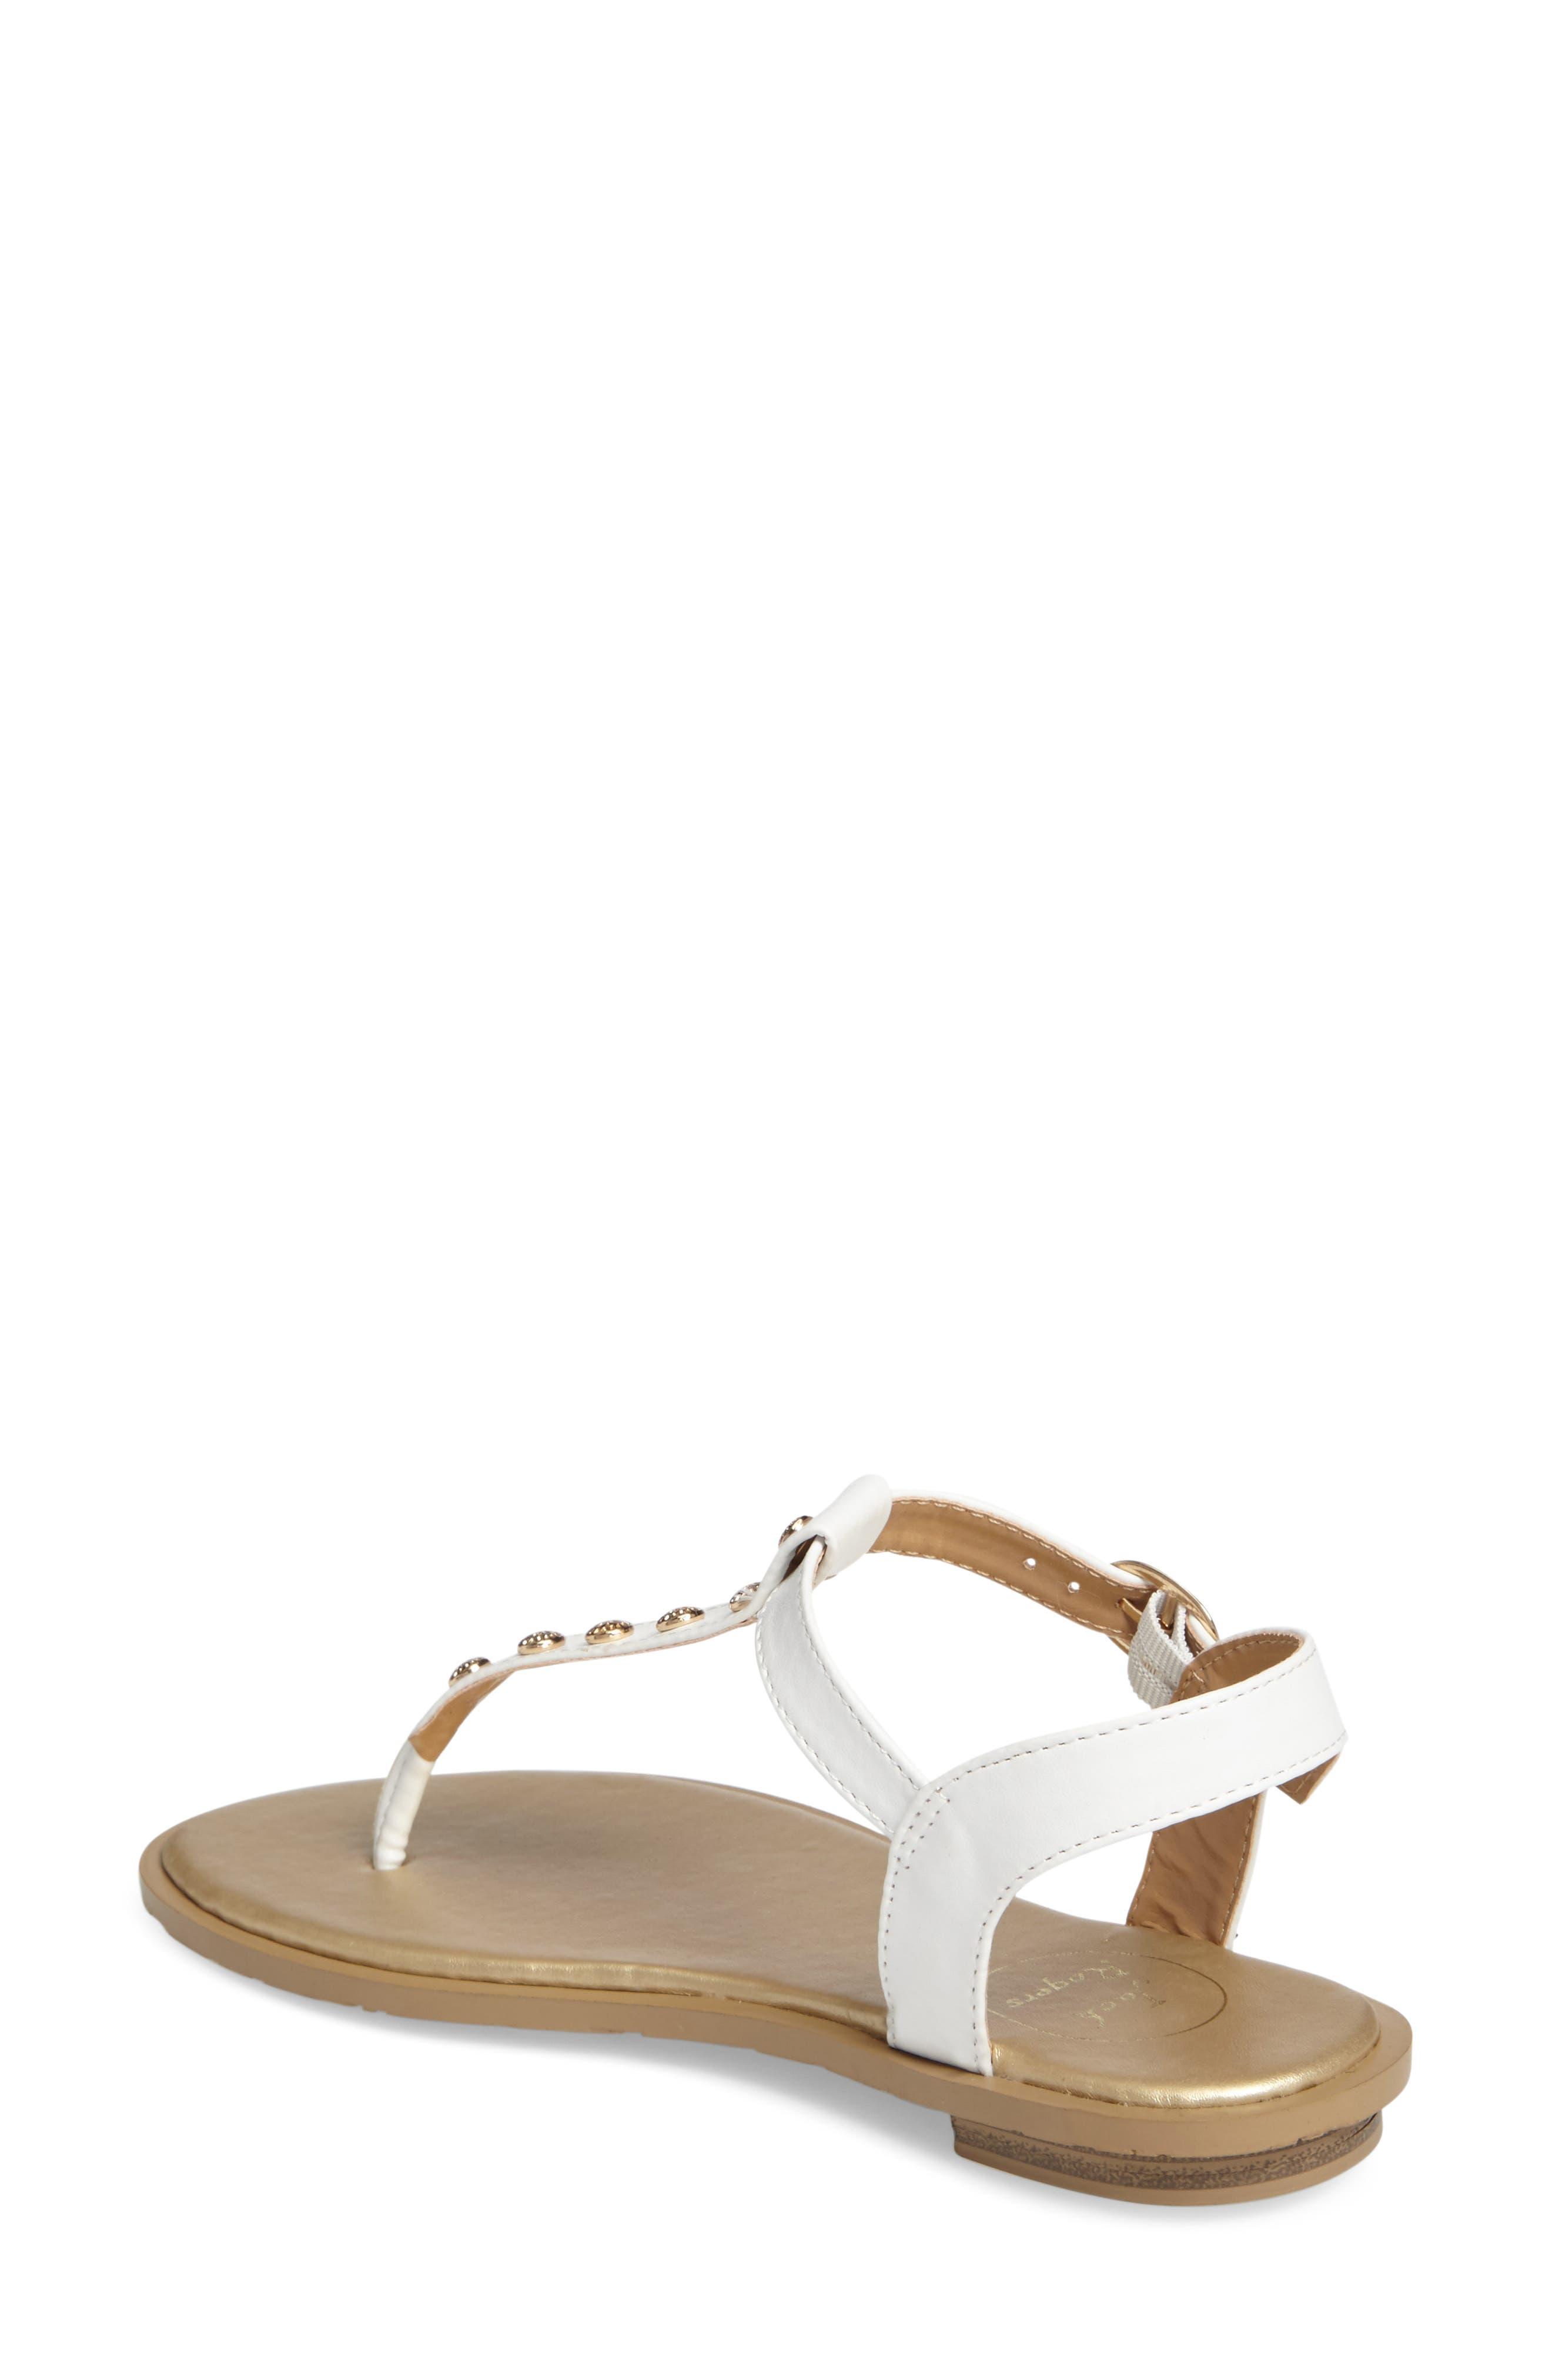 Kamri T-Strap Sandal,                             Alternate thumbnail 2, color,                             White Leather